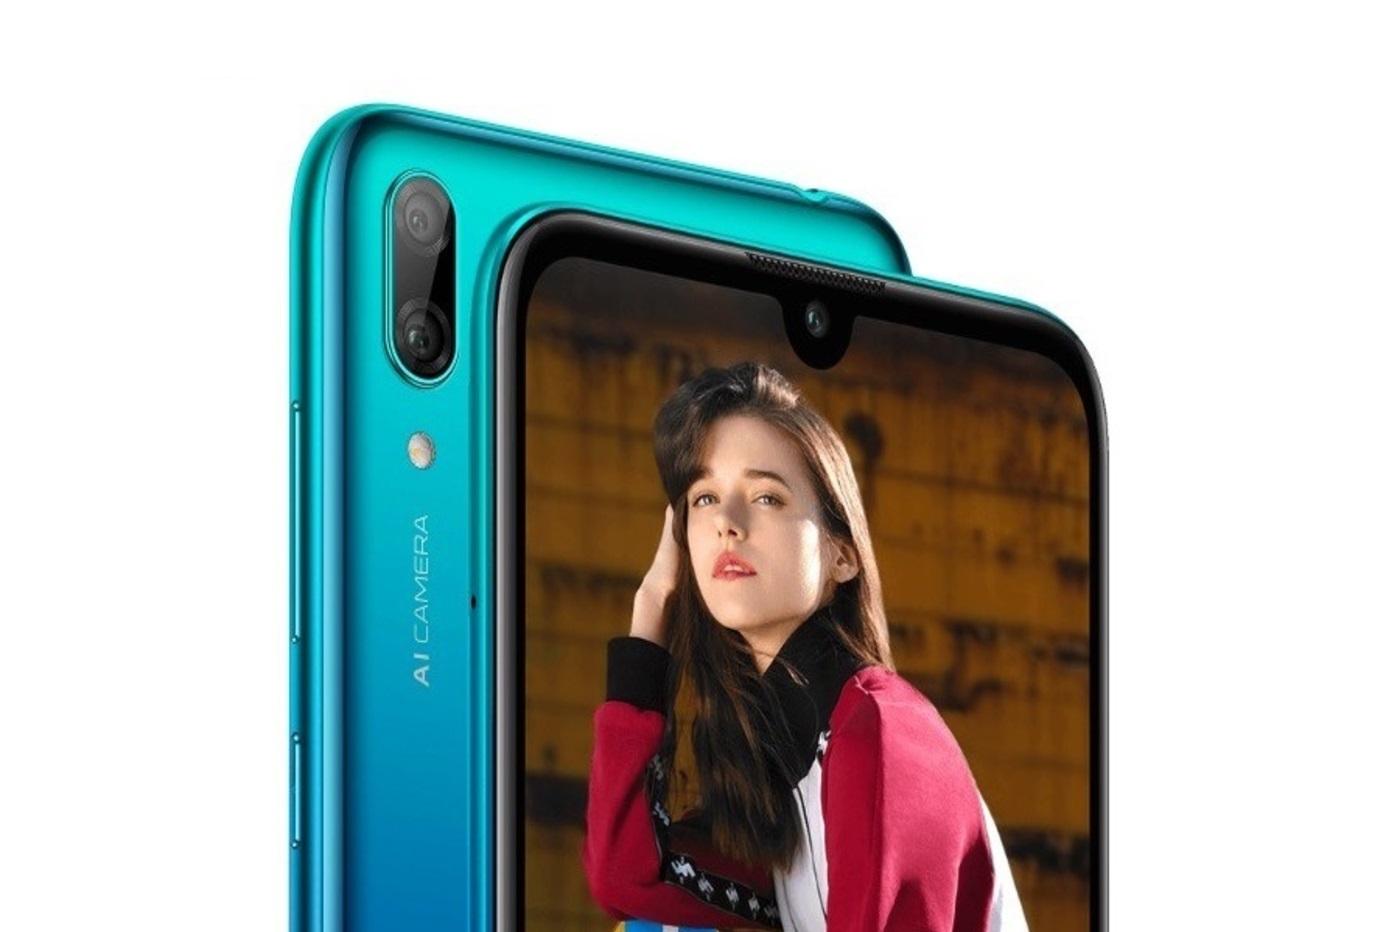 Sortie du Y7 Pro 2019 de Huawei